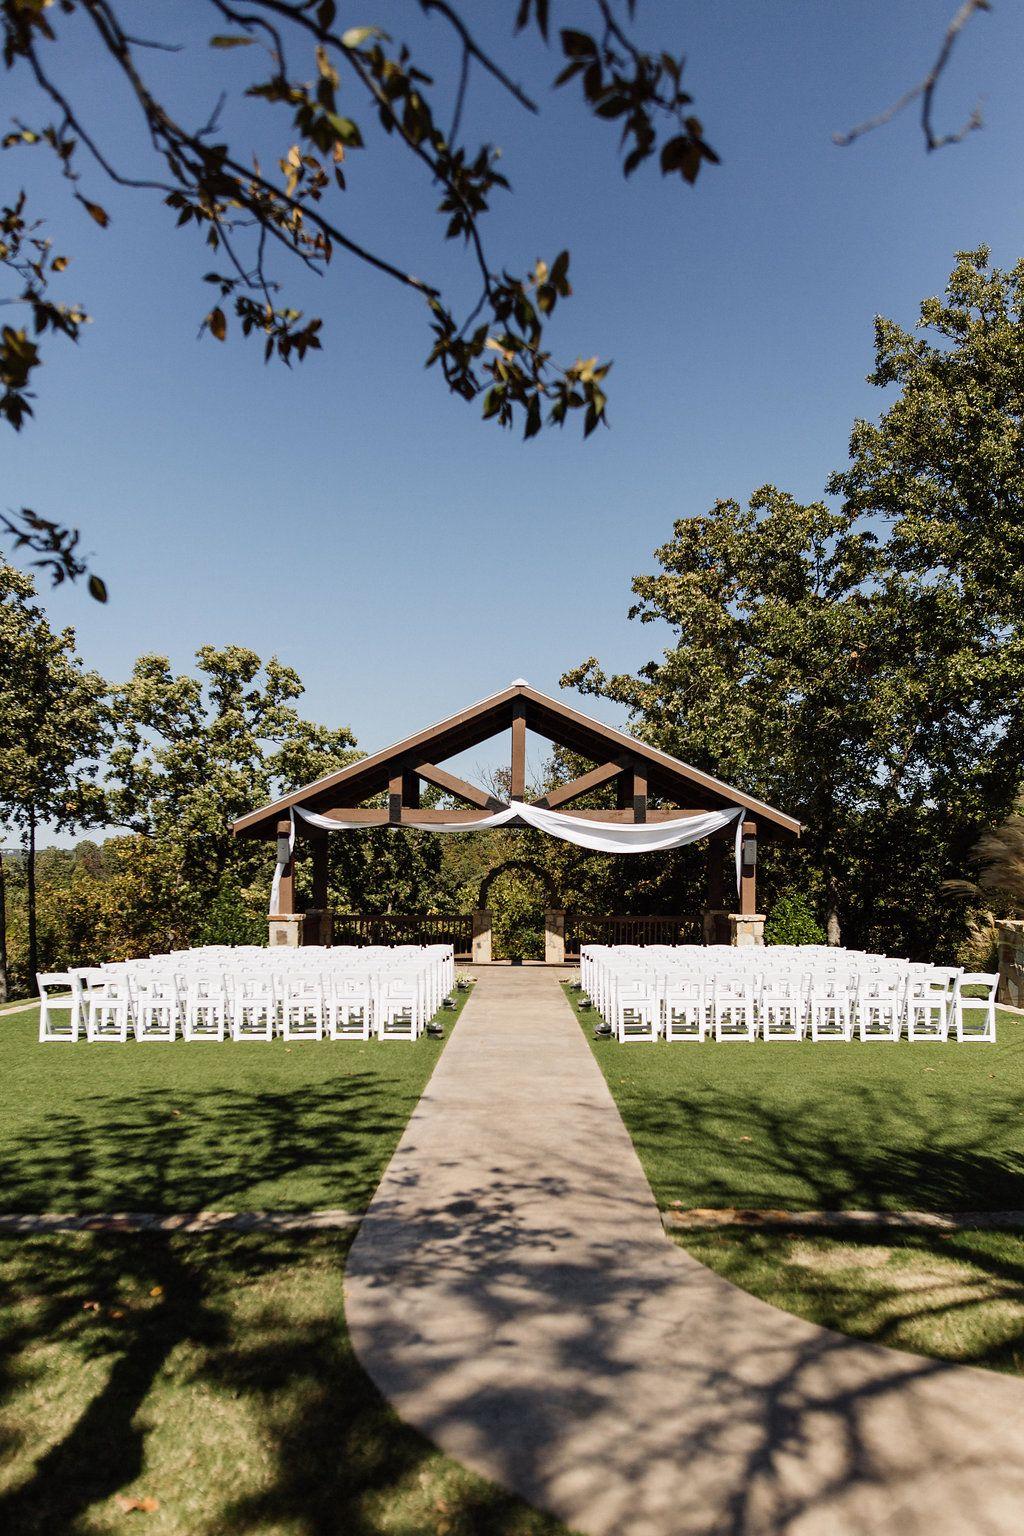 Ranch Wedding Venue Tulsa Wedding Venue Outdoor Wedding Venue Outdoor Wedding Cerem Oklahoma Wedding Venues Tulsa Wedding Venues Outdoor Wedding Venues